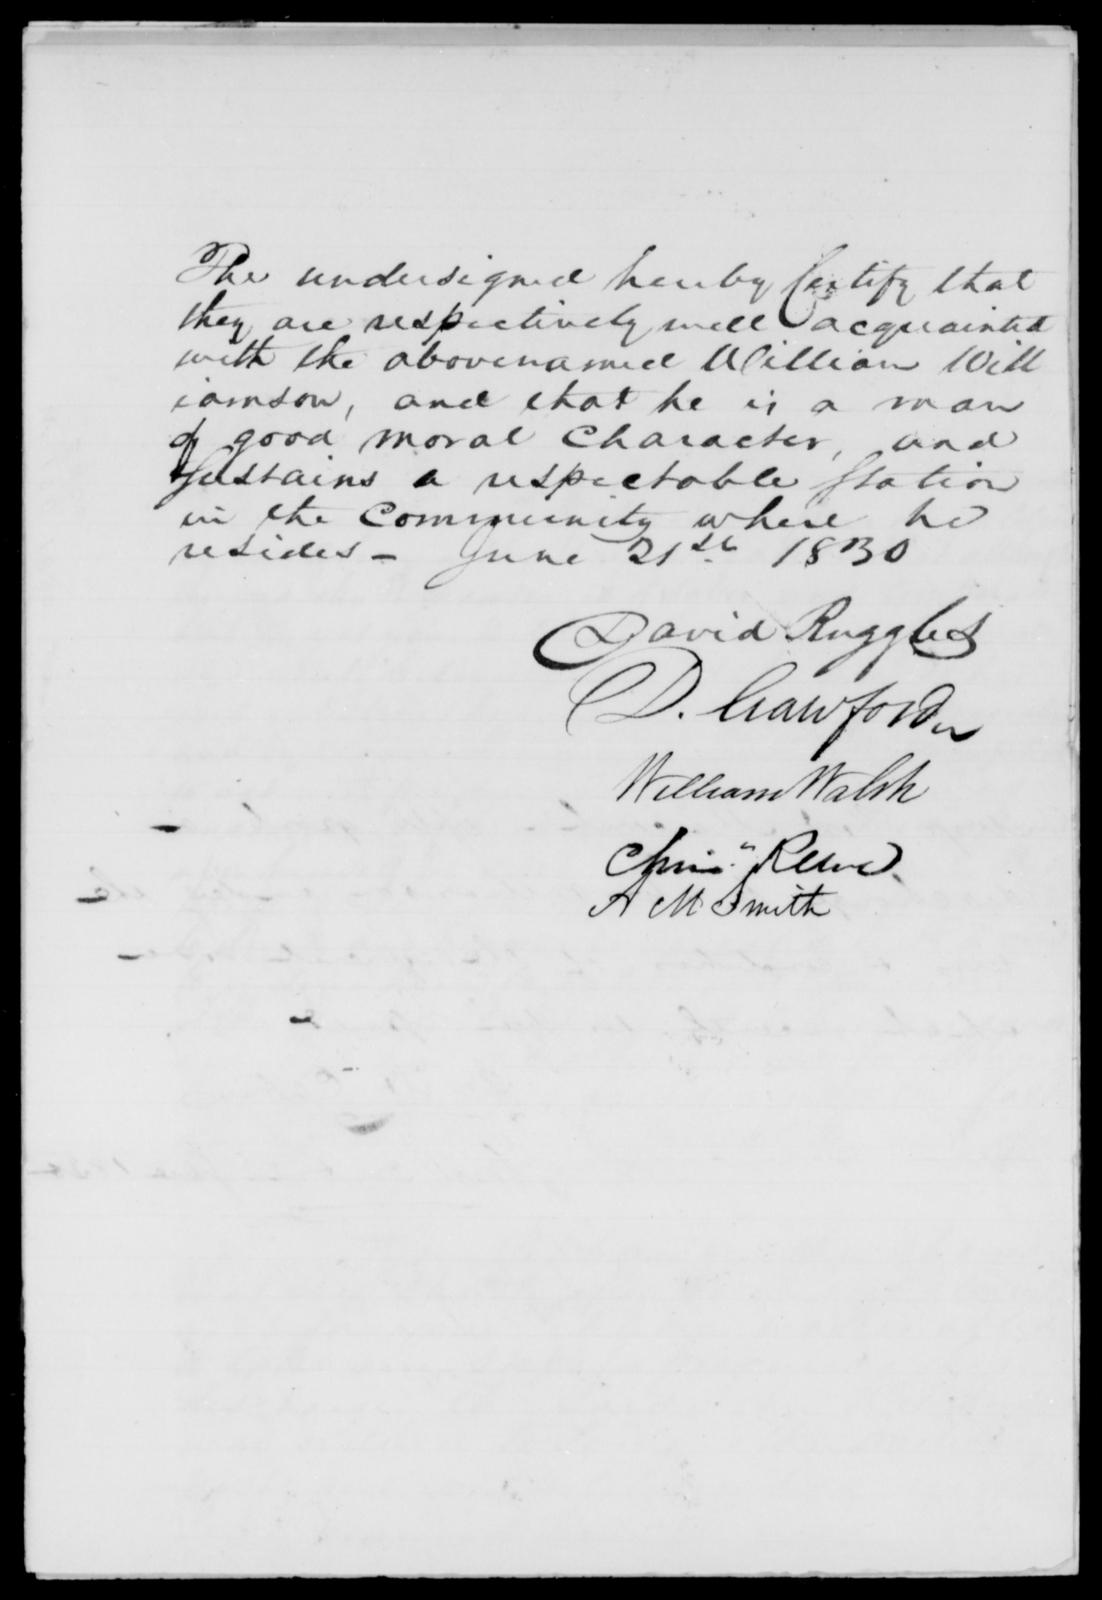 Wade, John - State: [Blank] - Year: 1830 - File Number: W100